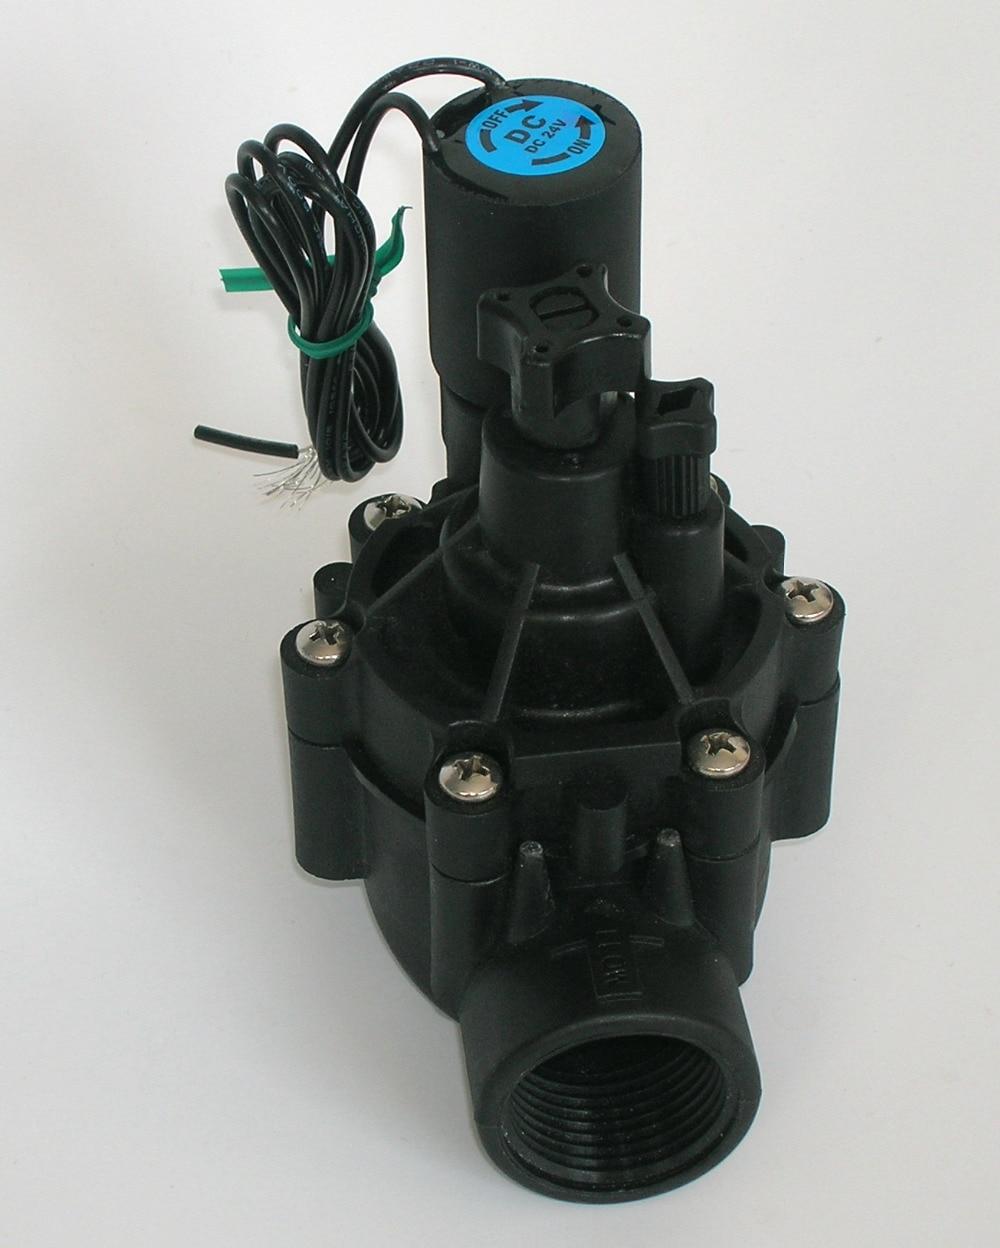 Zanchen 101DH Ventil BSP Weibliche Ventil mit Flow Control, 1